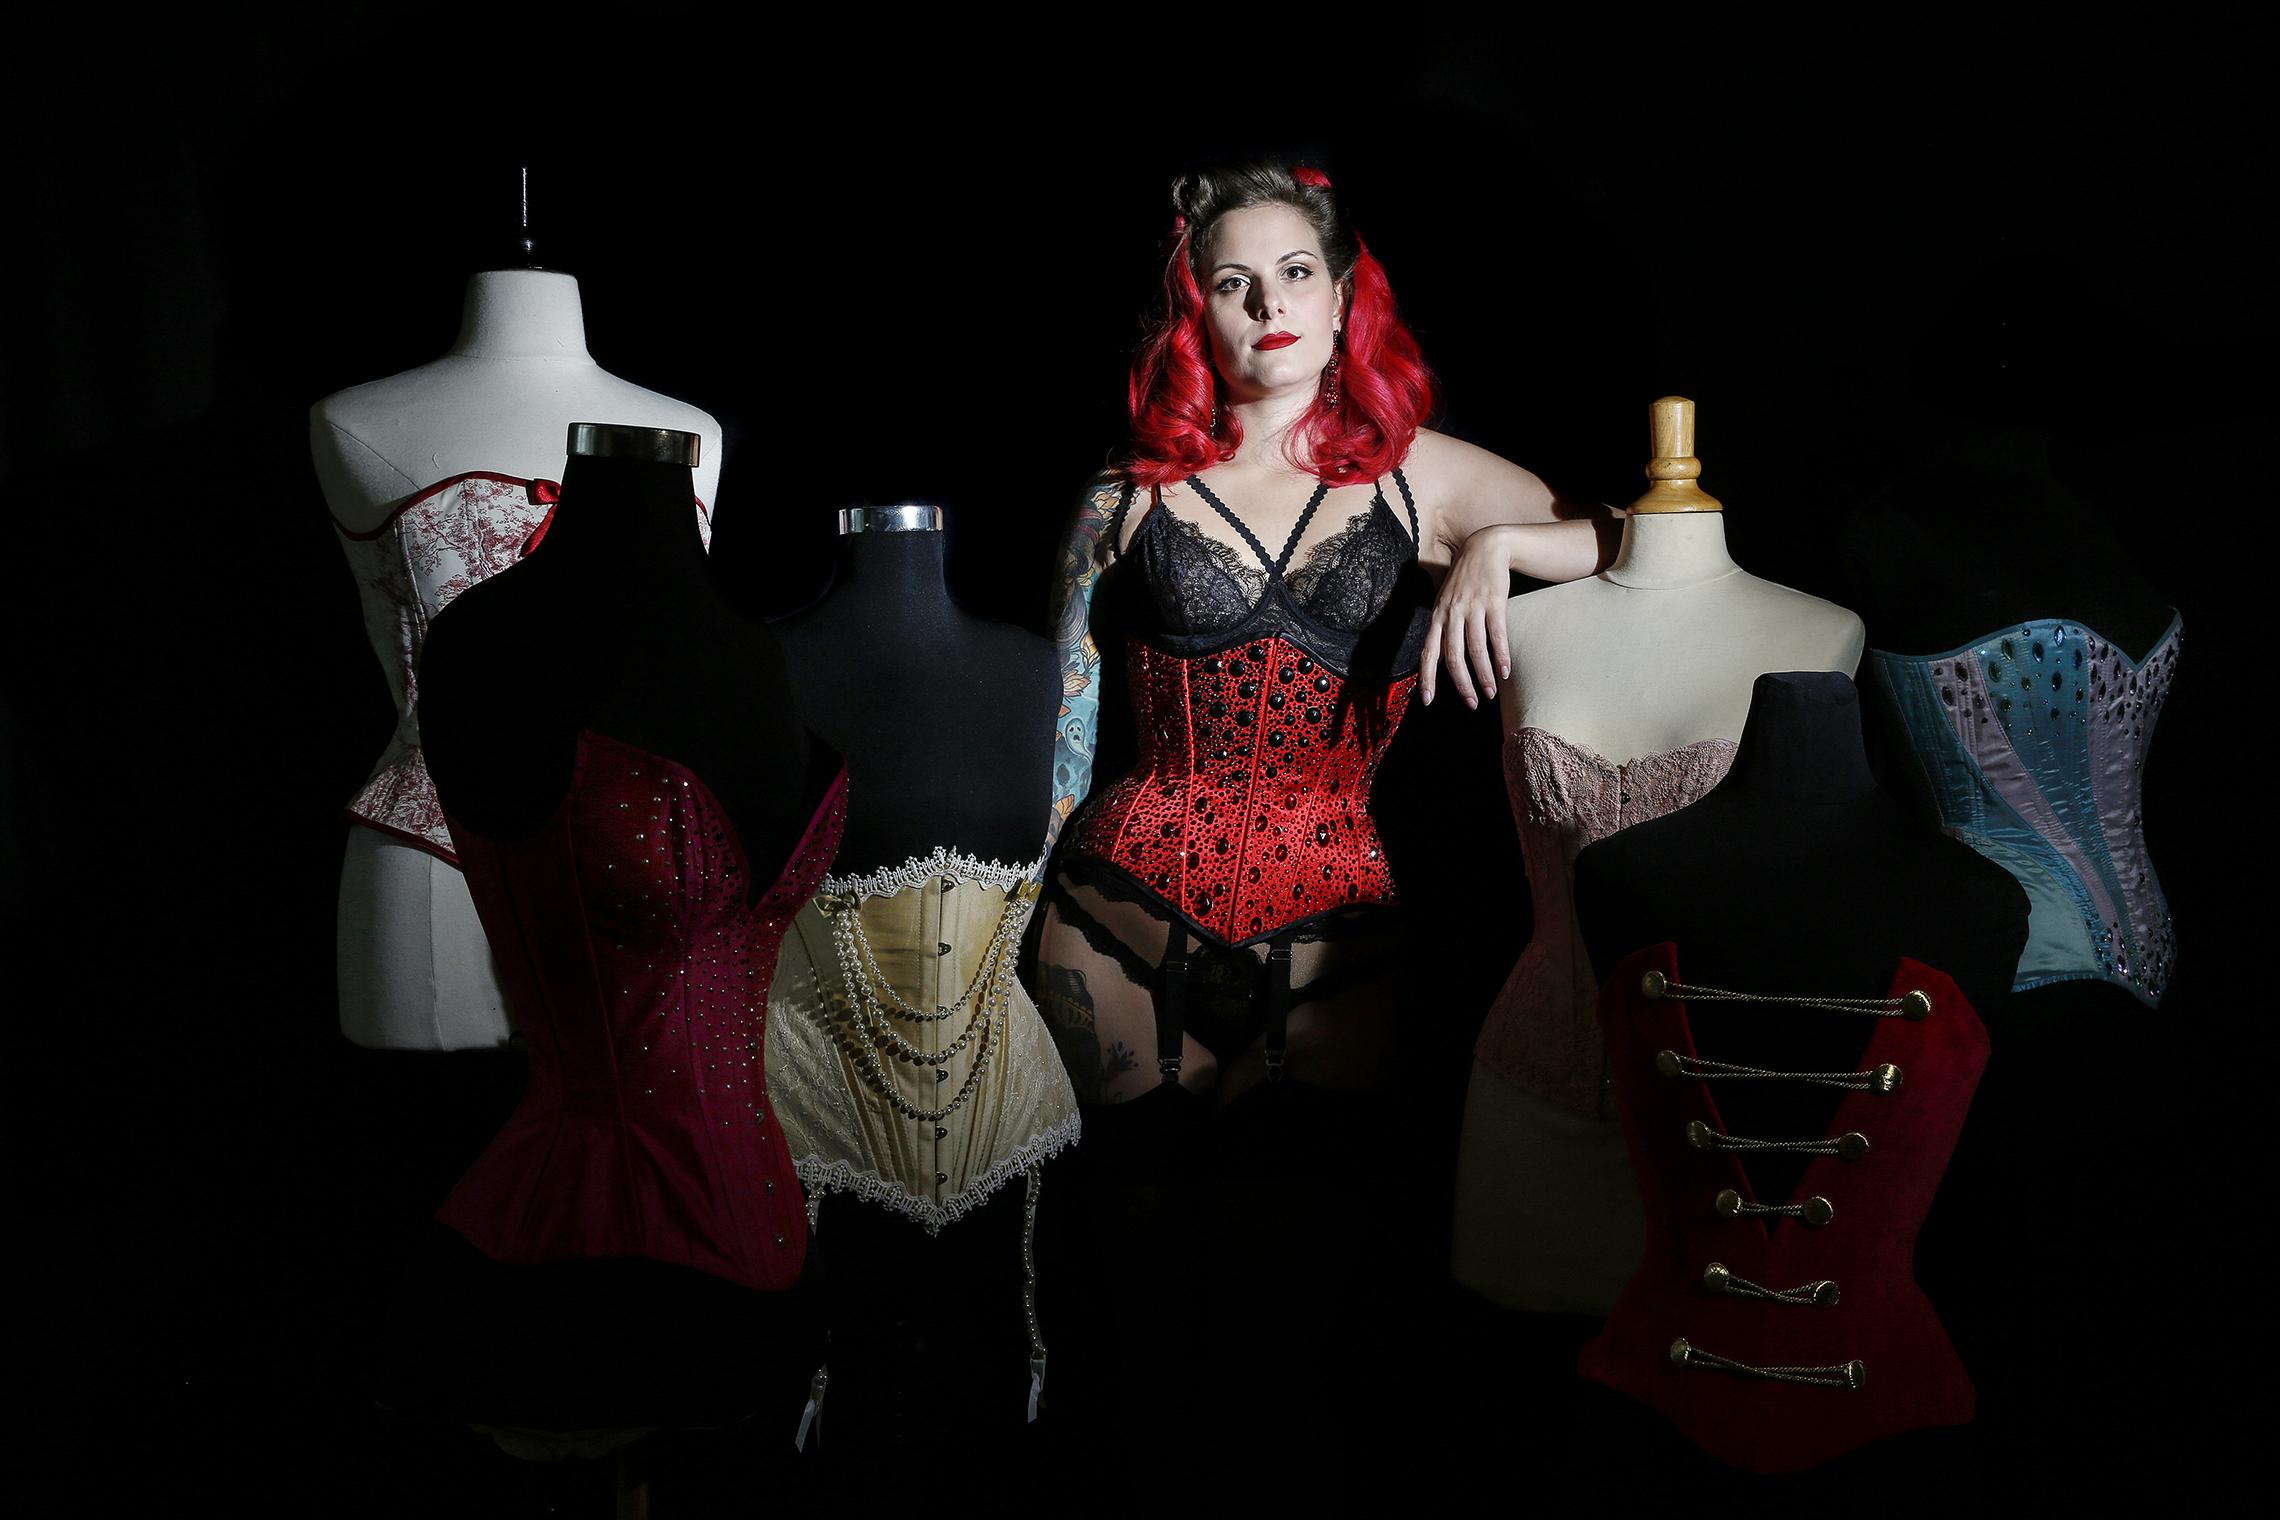 Ivy Hipsylon, corsetière, 12h03, Peau d'Ame